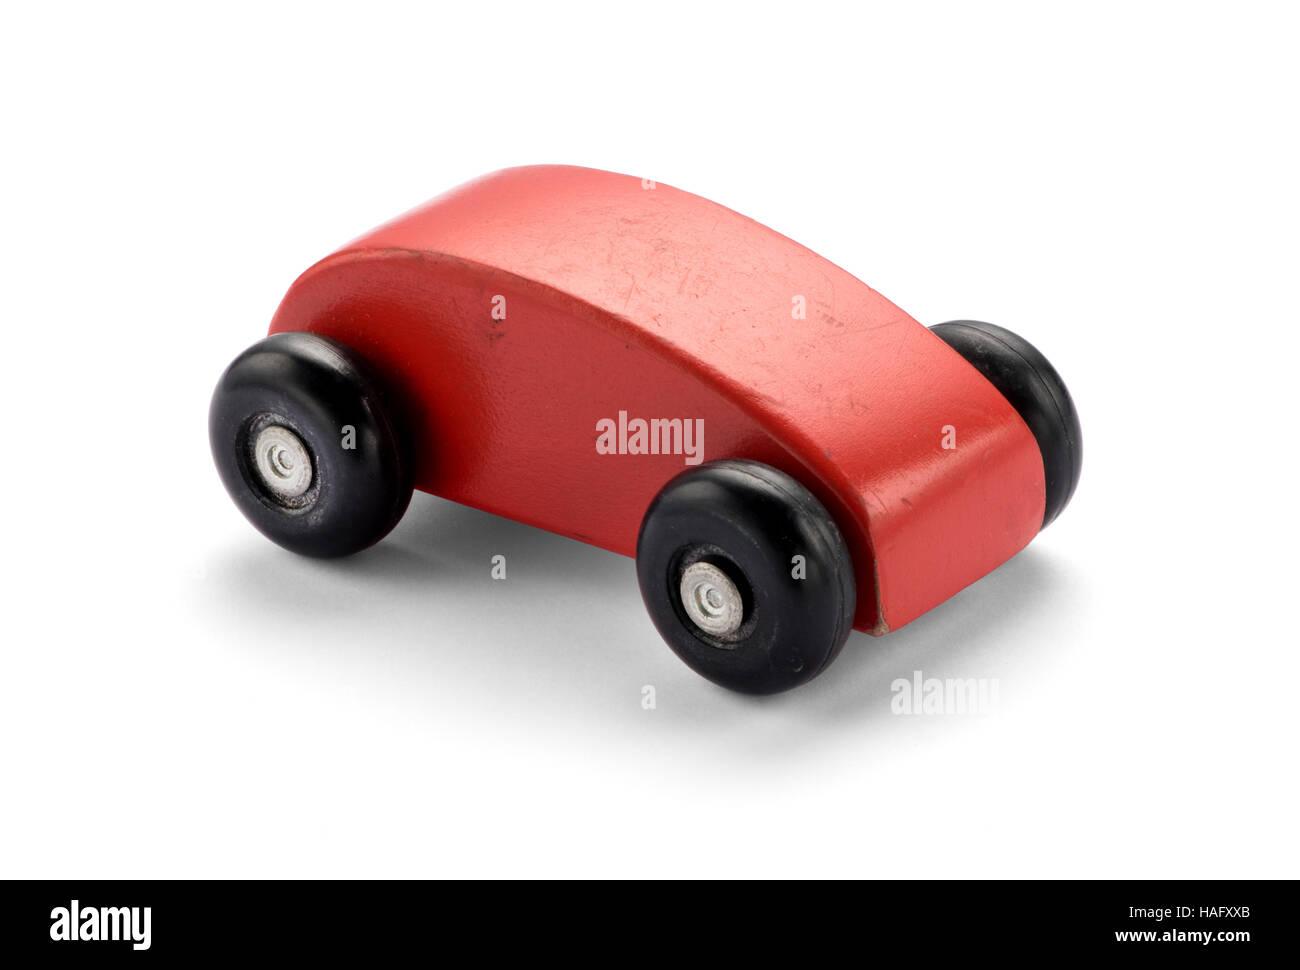 Semplice stilizzato in legno rosso giocattolo auto con un design curvo su ruote di grandi dimensioni in un angolo Immagini Stock